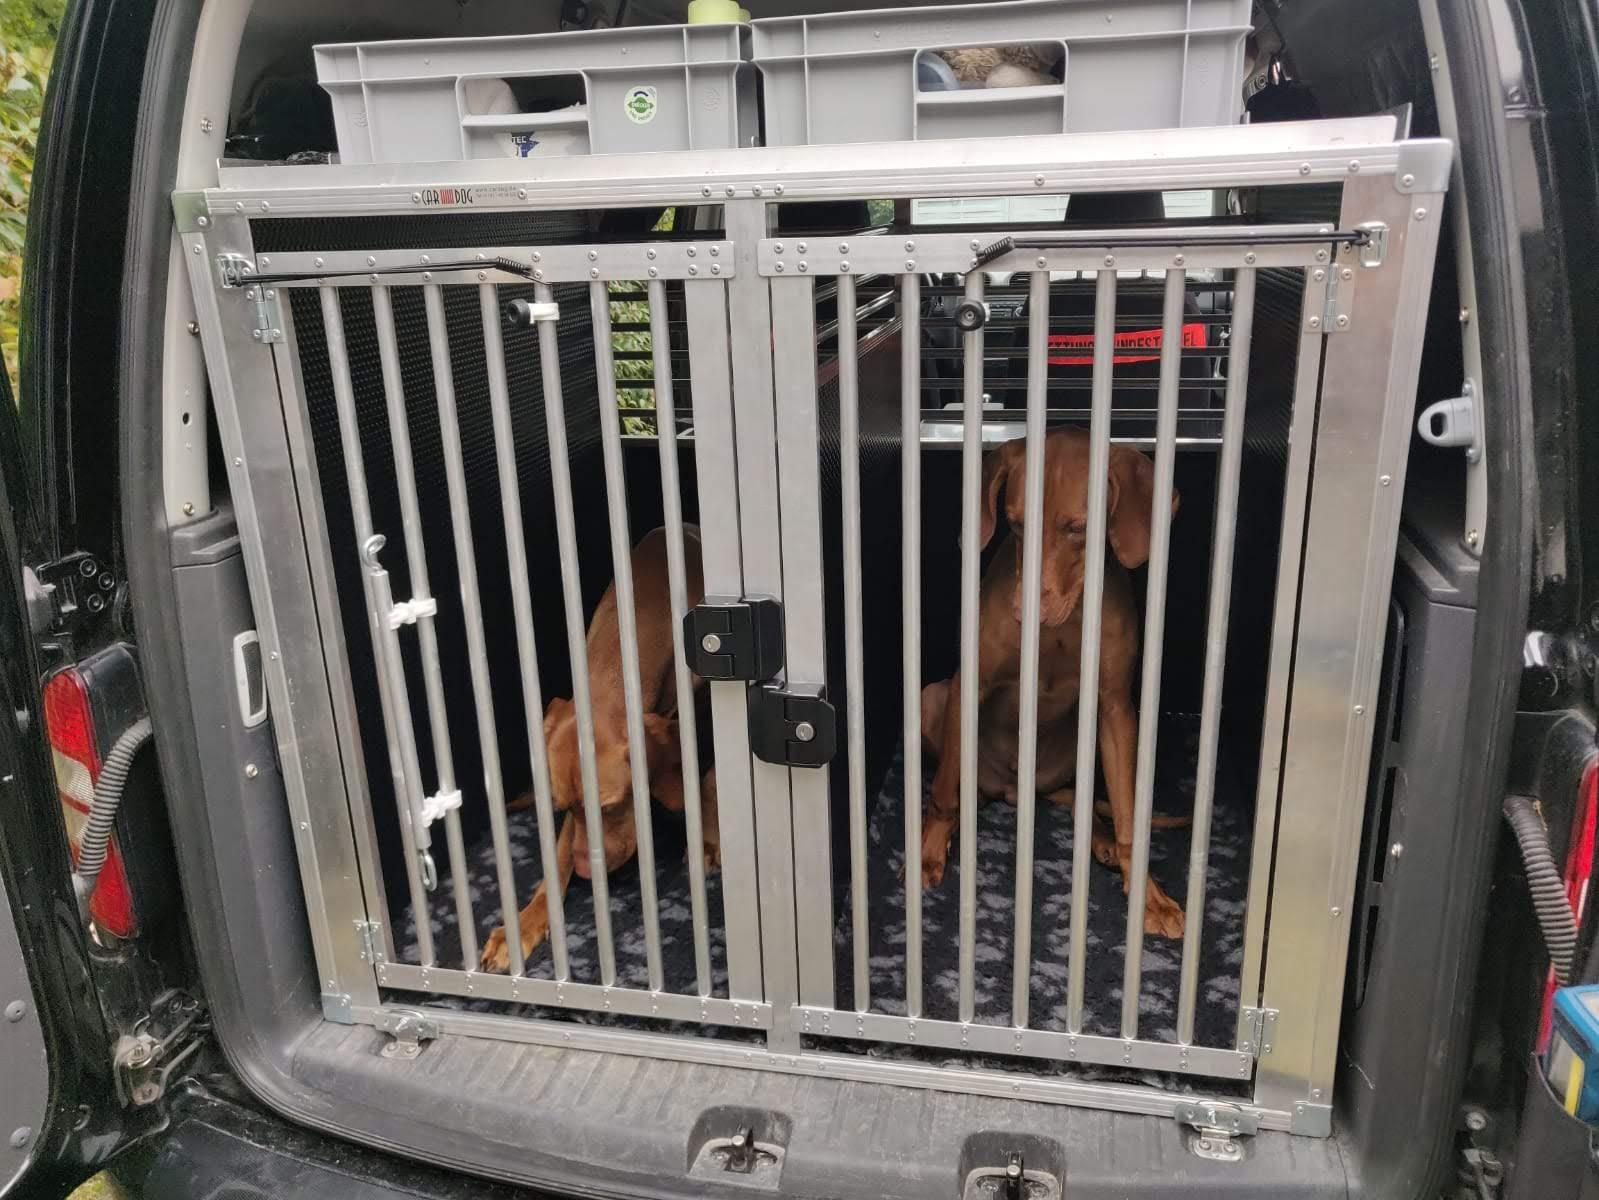 Zwei Magyar Vizsla Hunde liegen in einer Hundetransportbox